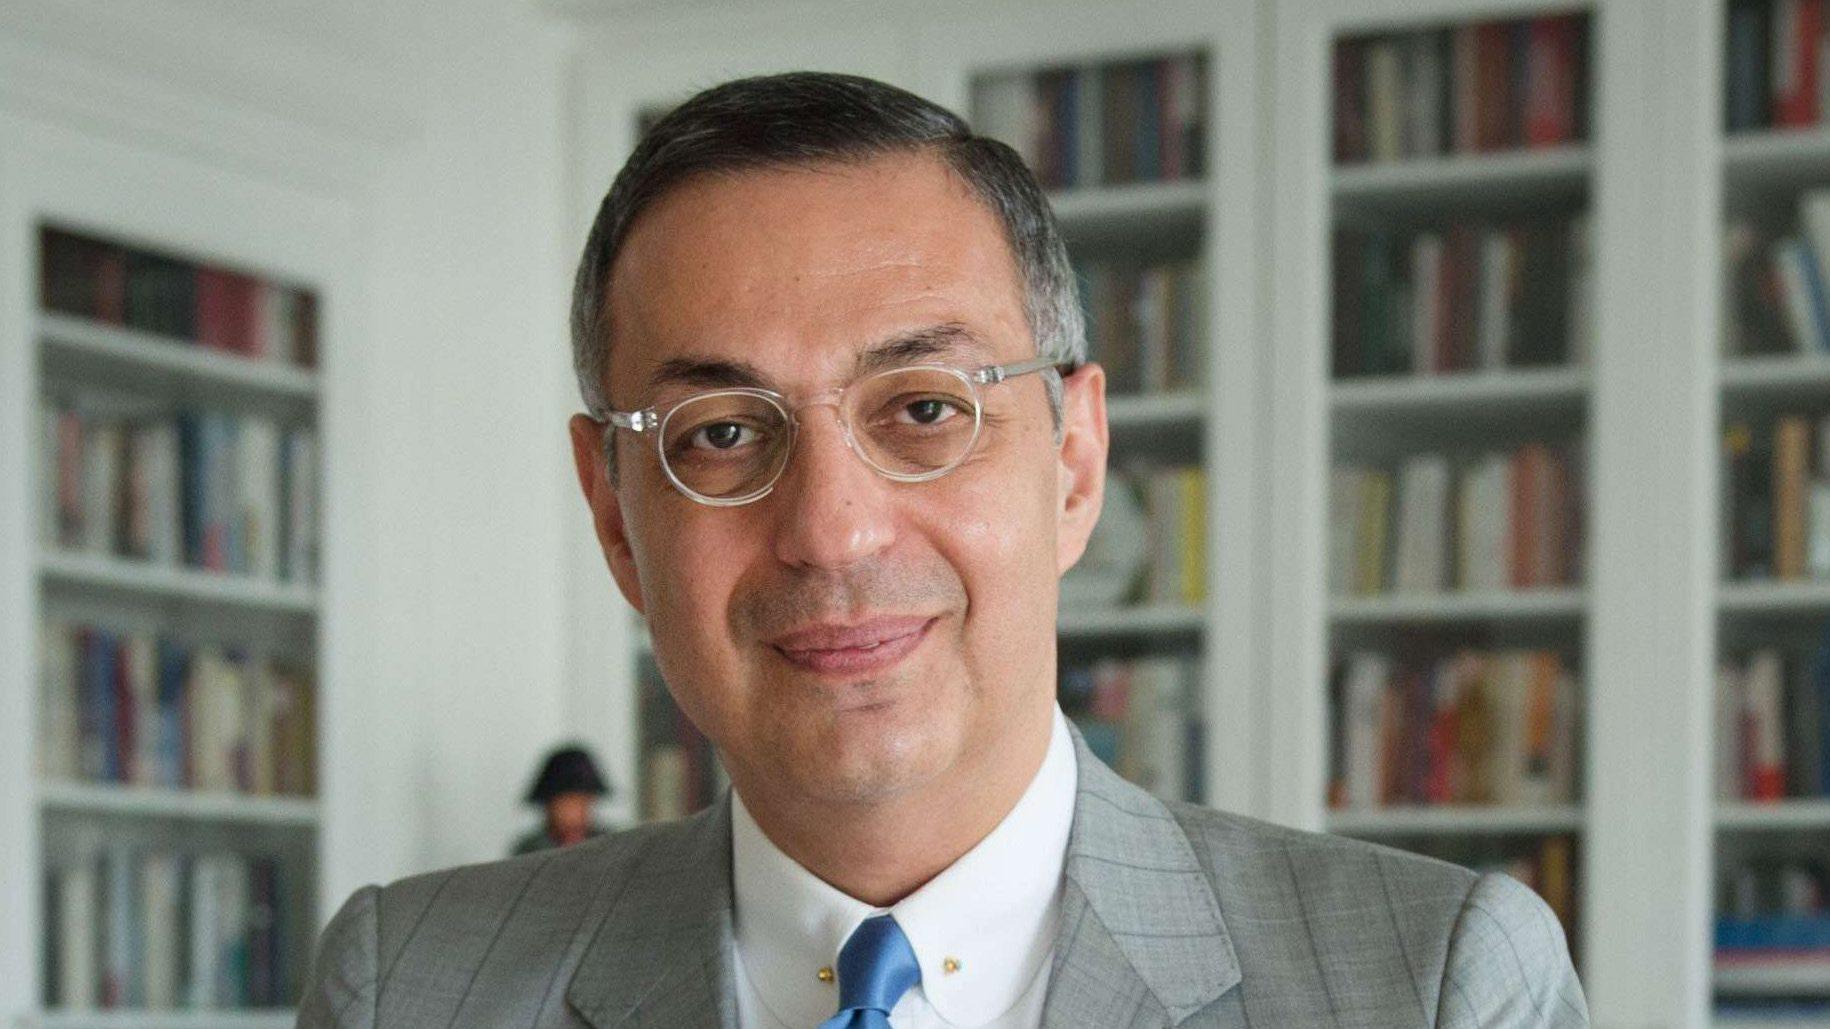 [Lu Ailleurs] : « L'exception est devenue la norme » Ardavan Amir-Aslani